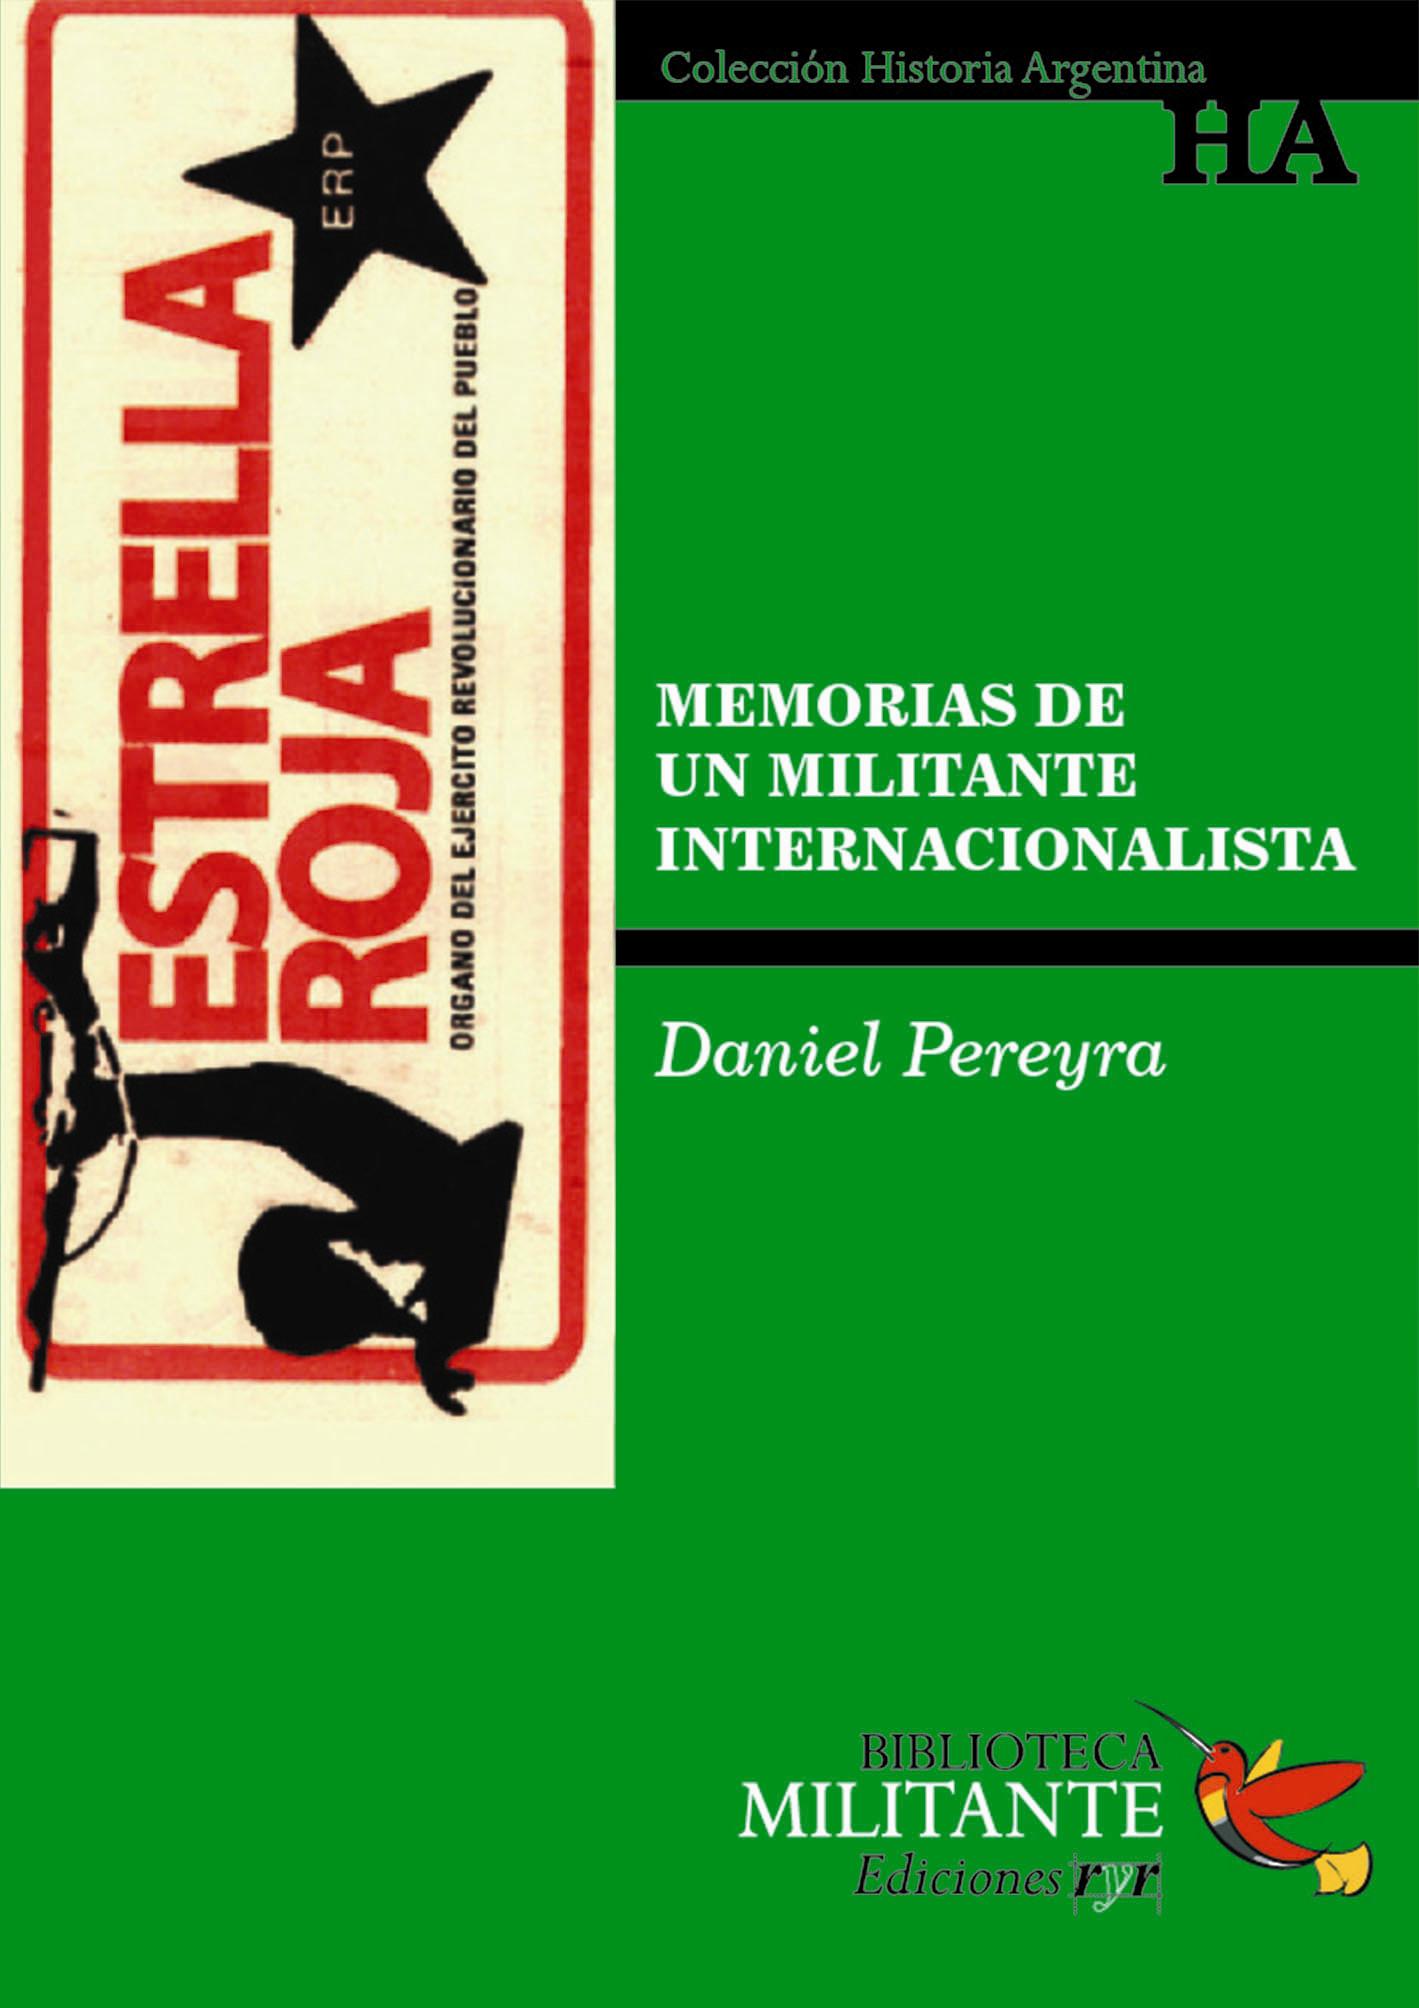 Memorias de un militante internacionalista-01